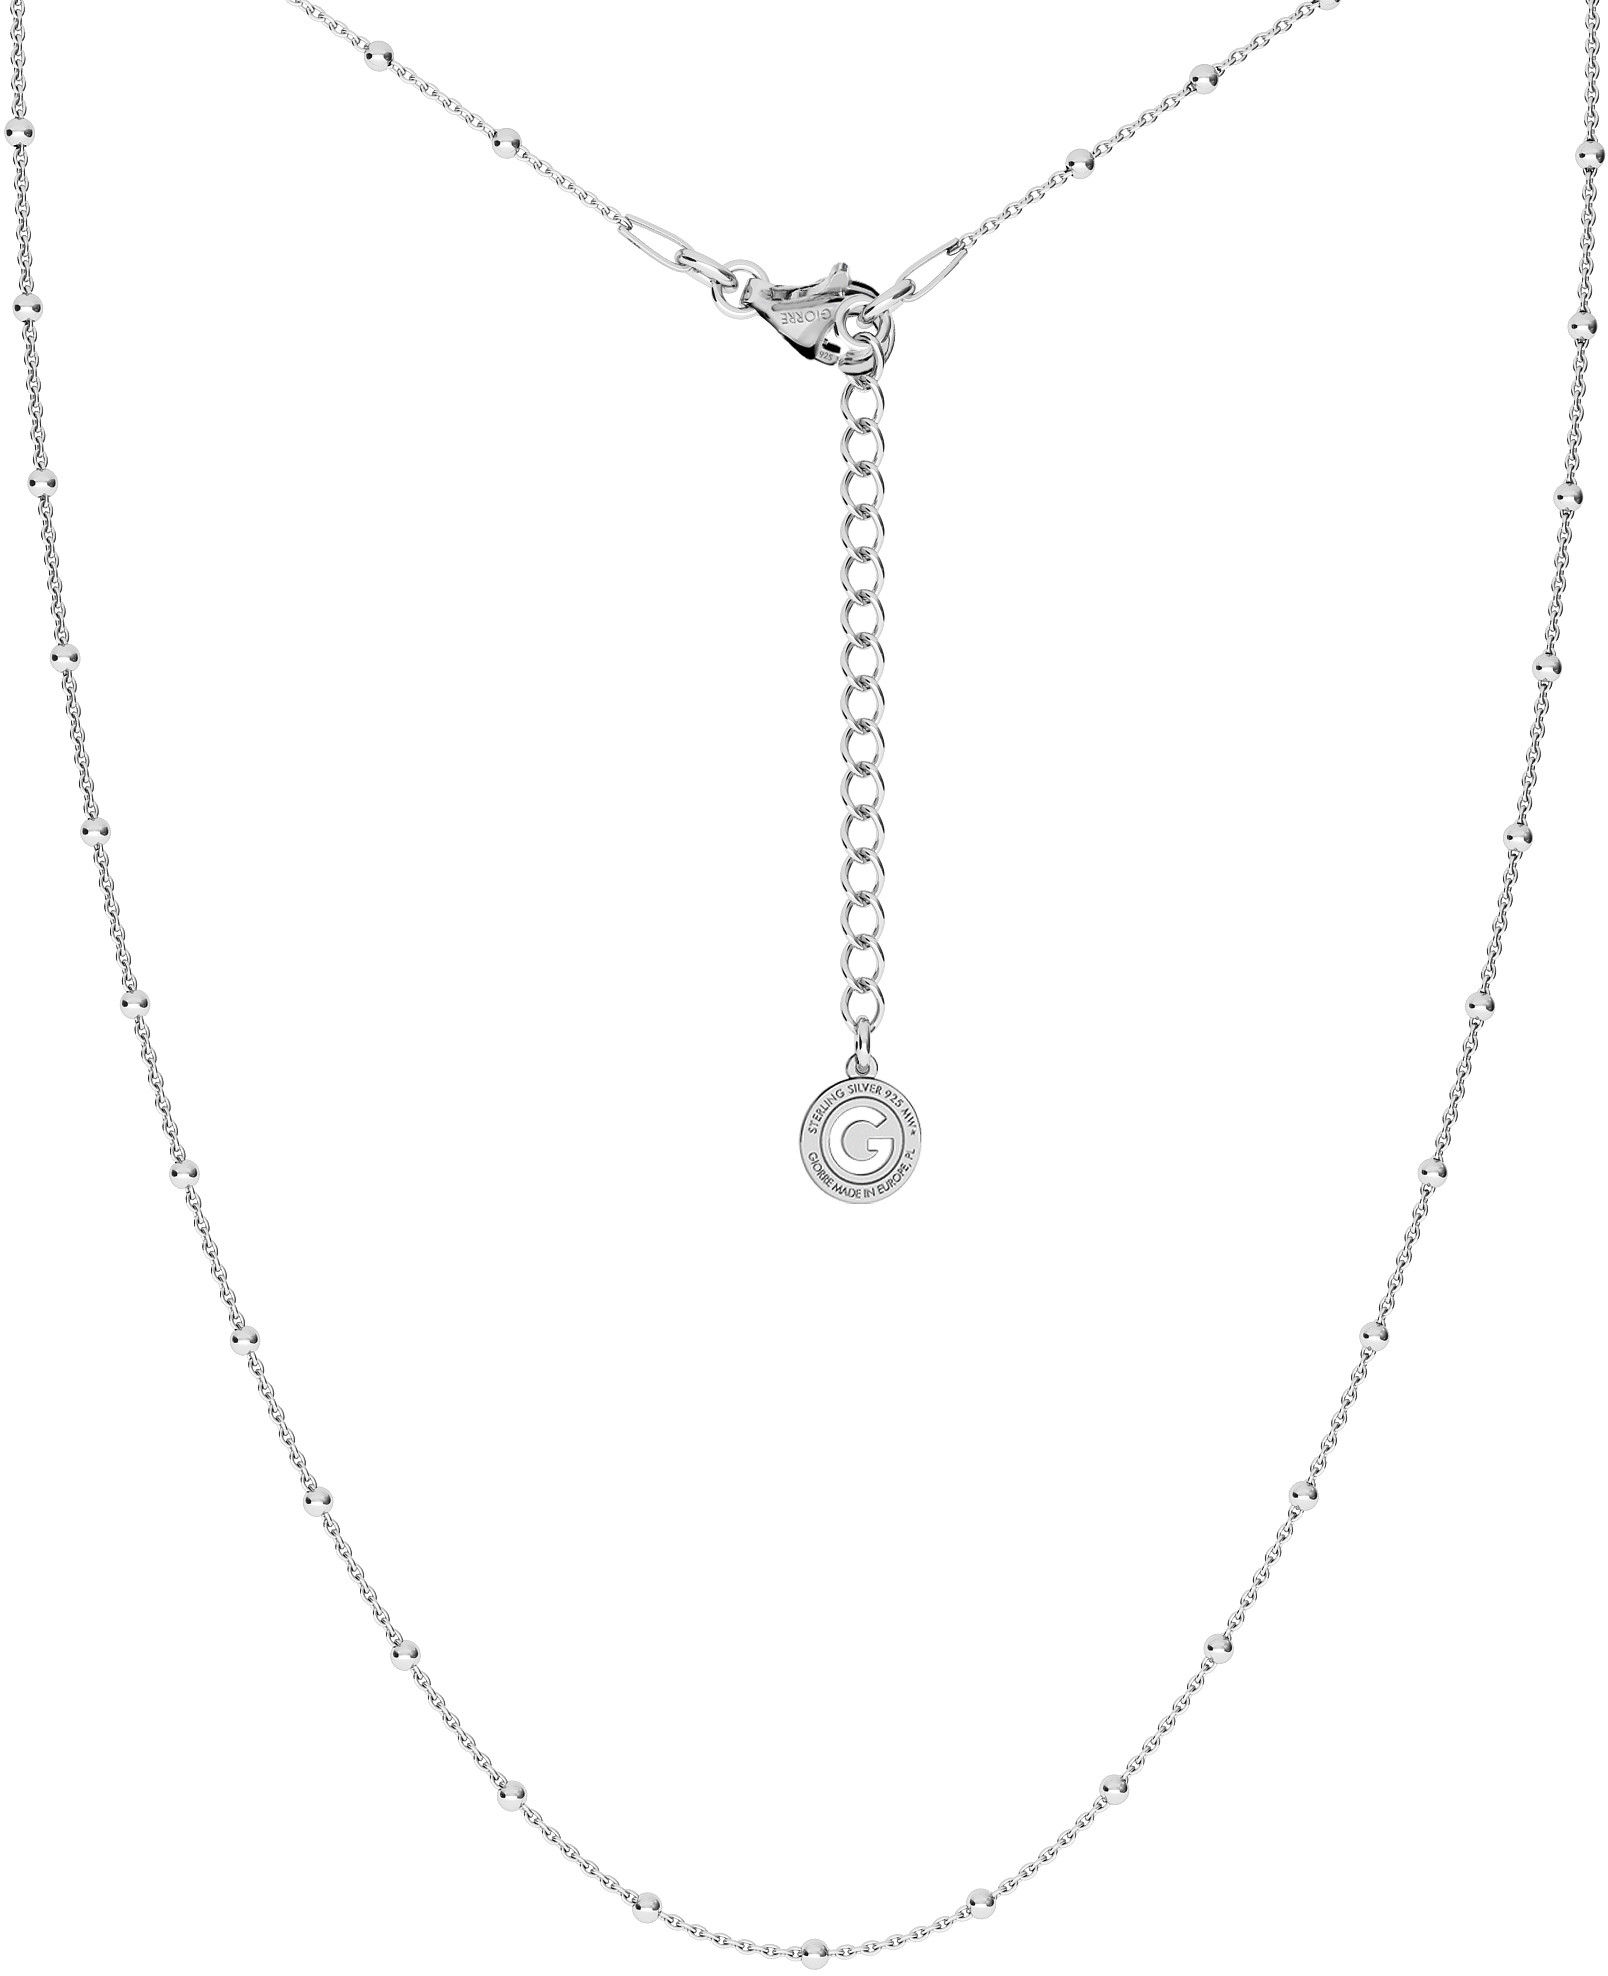 Srebrny delikatny łańcuszek ankier z kulkami, srebro 925 : Długość (cm) - 70 + 5, Srebro - kolor pokrycia - Pokrycie platyną